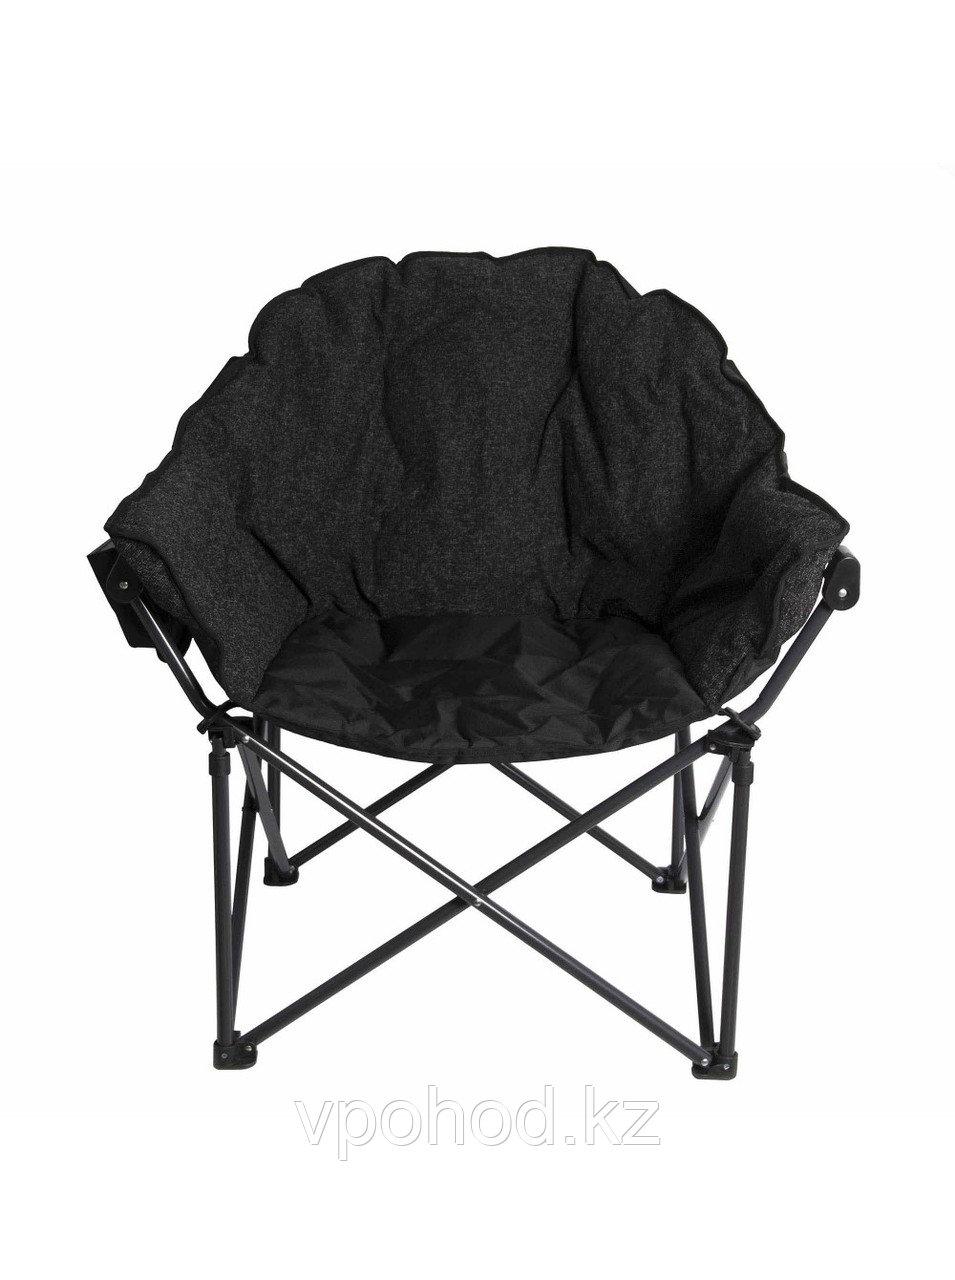 Кресло складное APL-RC707